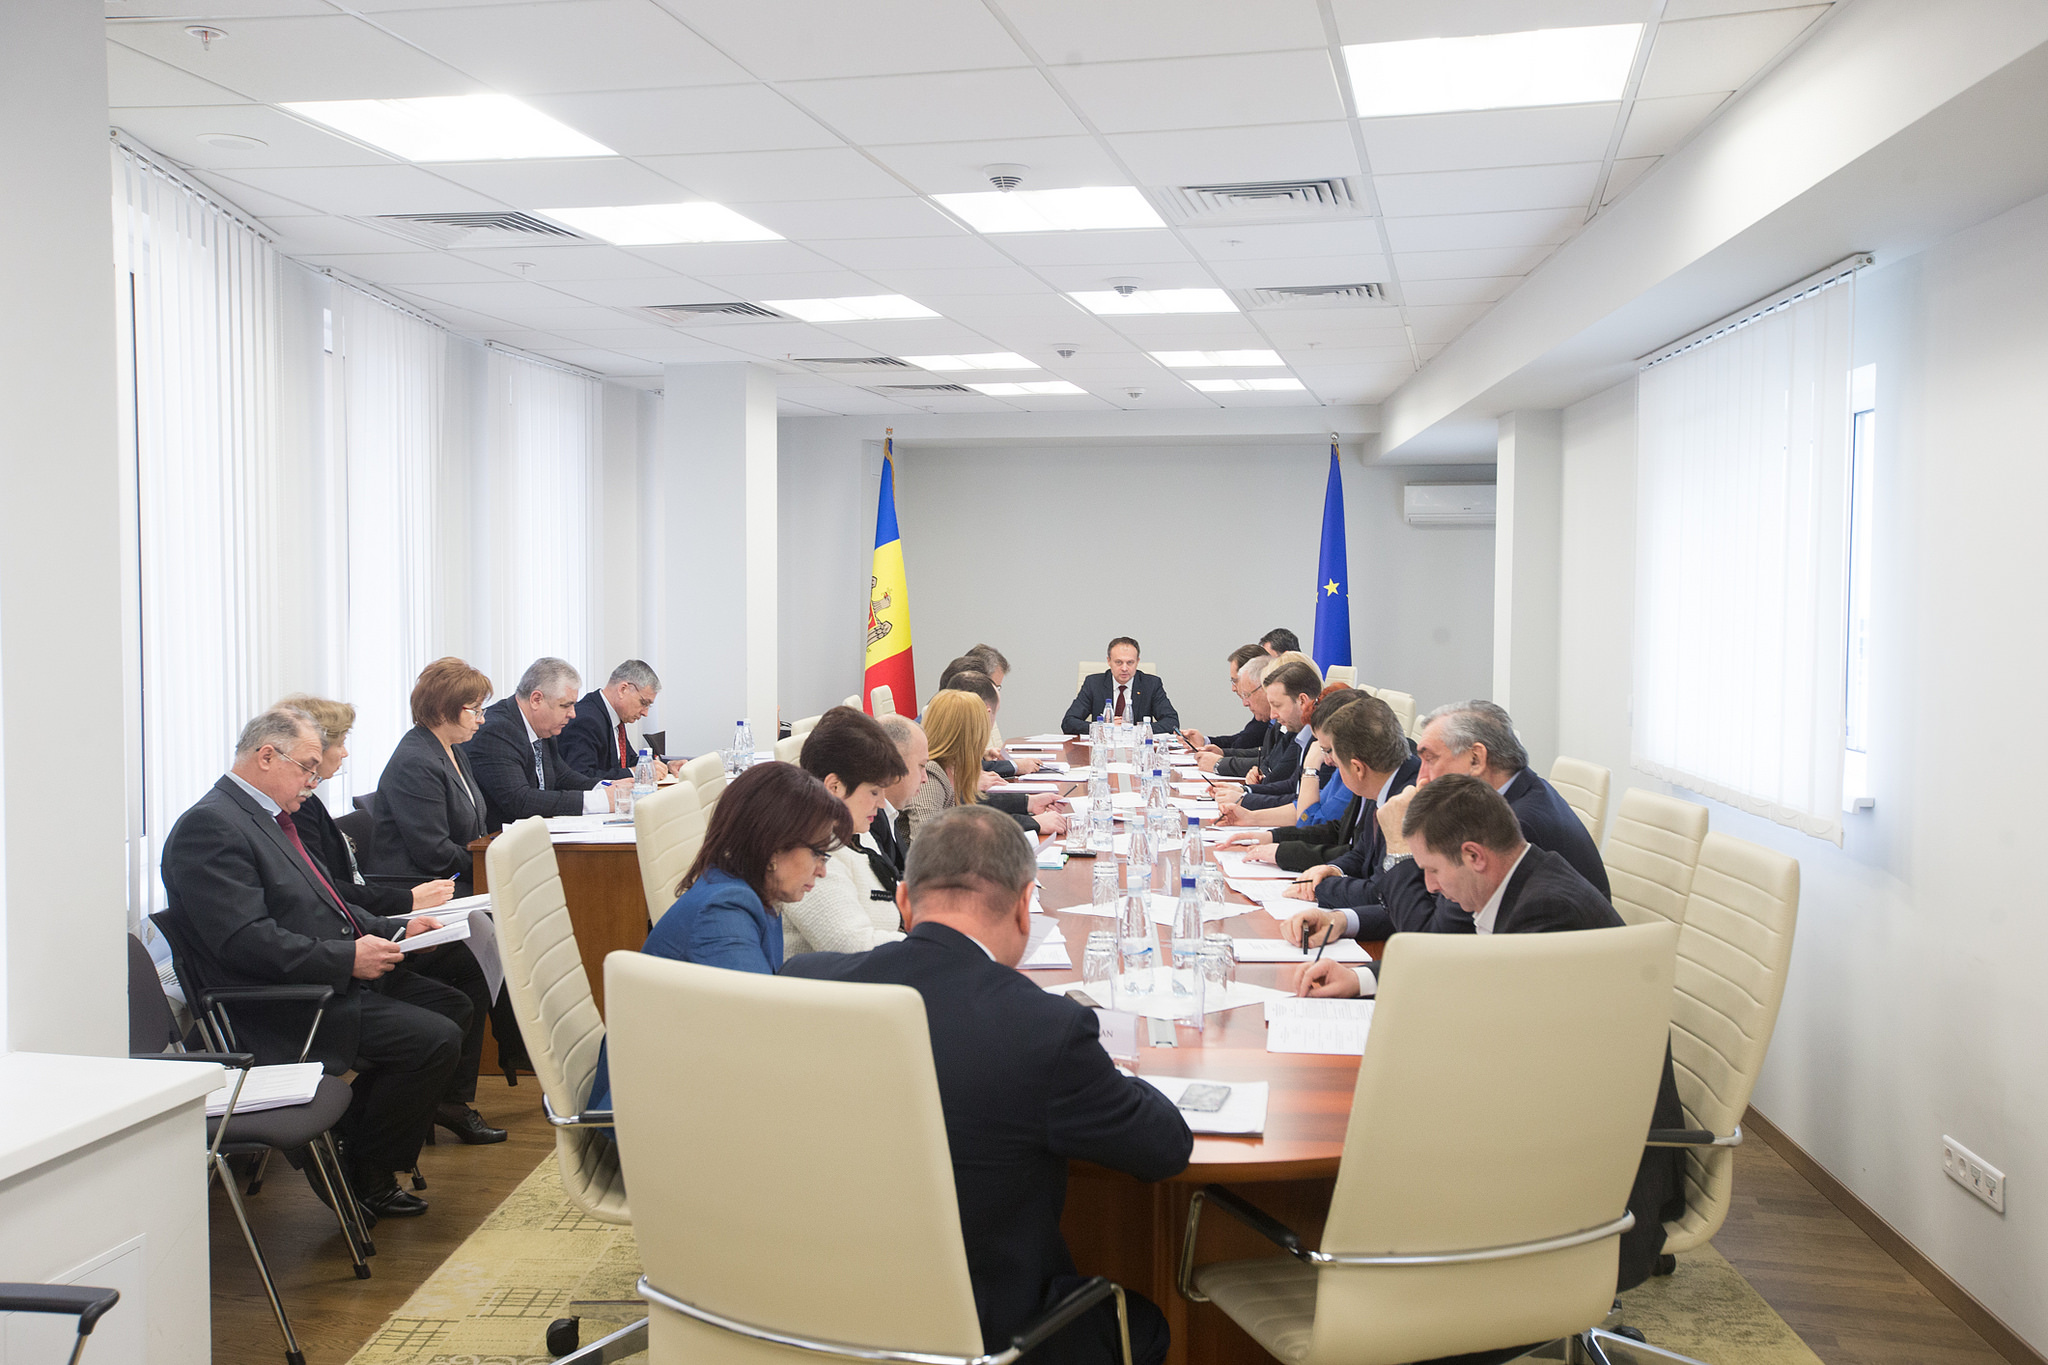 Deputații reiau ședințele plenare! Ordinea de zi pentru perioada 8-16 februarie 2018, aprobată